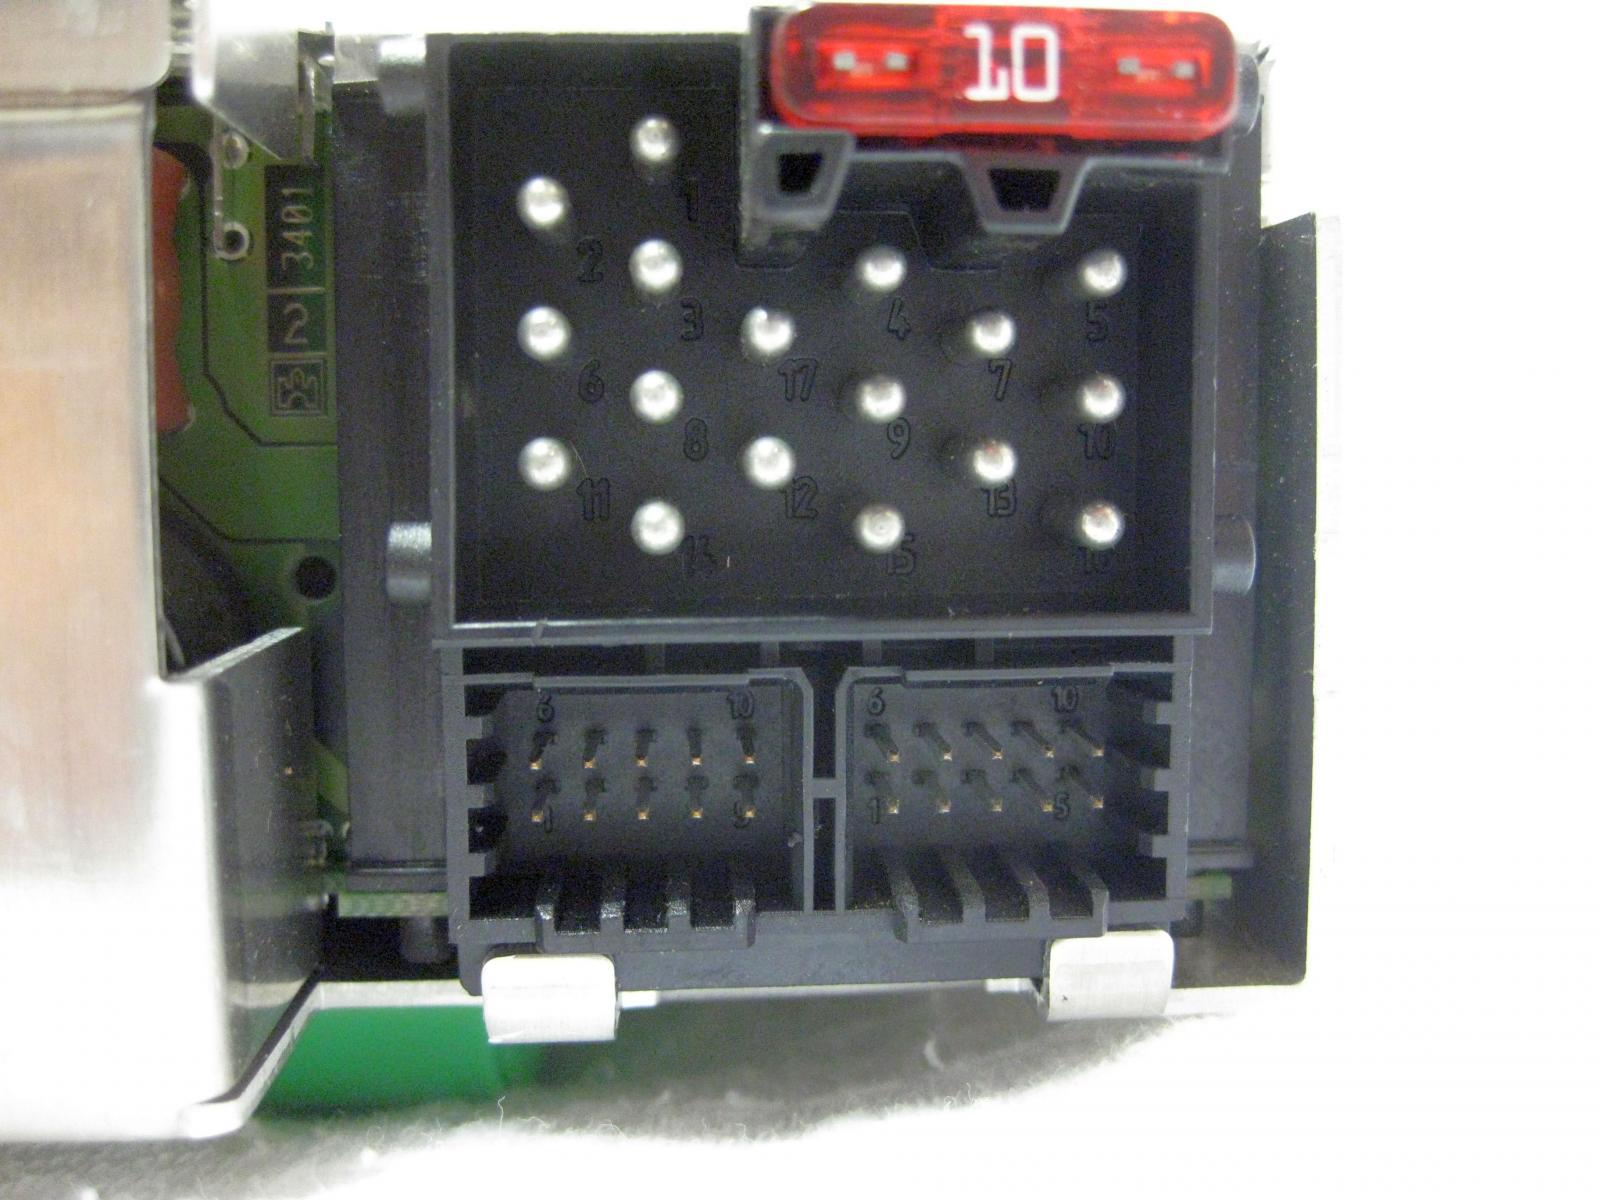 bmw k1200lt cd radio nicht m 1999 2003 be653425008720. Black Bedroom Furniture Sets. Home Design Ideas